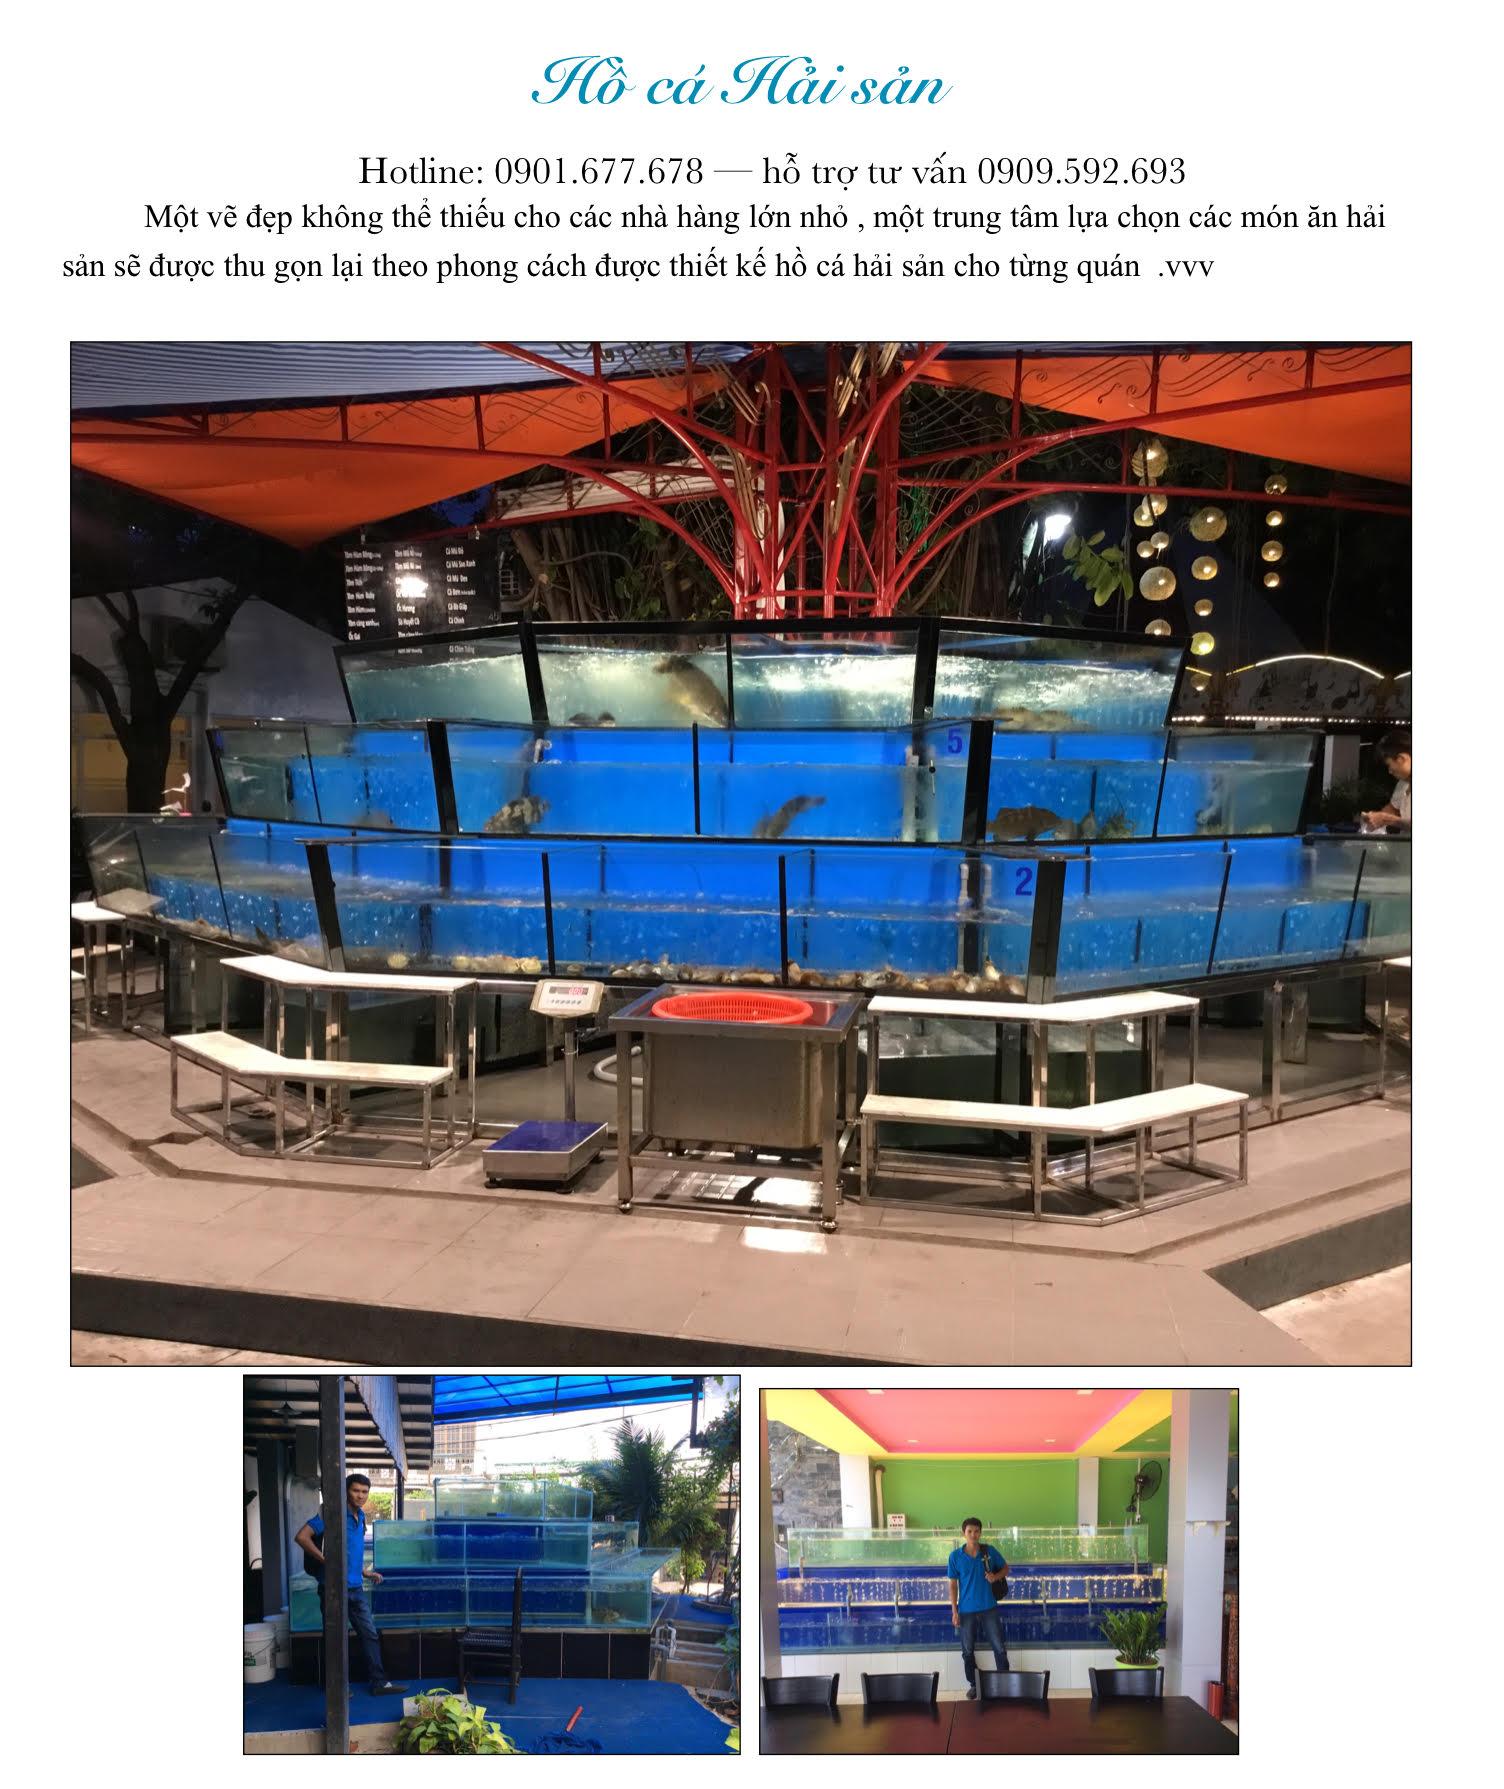 ho-ca-hai-san Thi công công trình lắp đặt hồ cá hải sản chất lượng